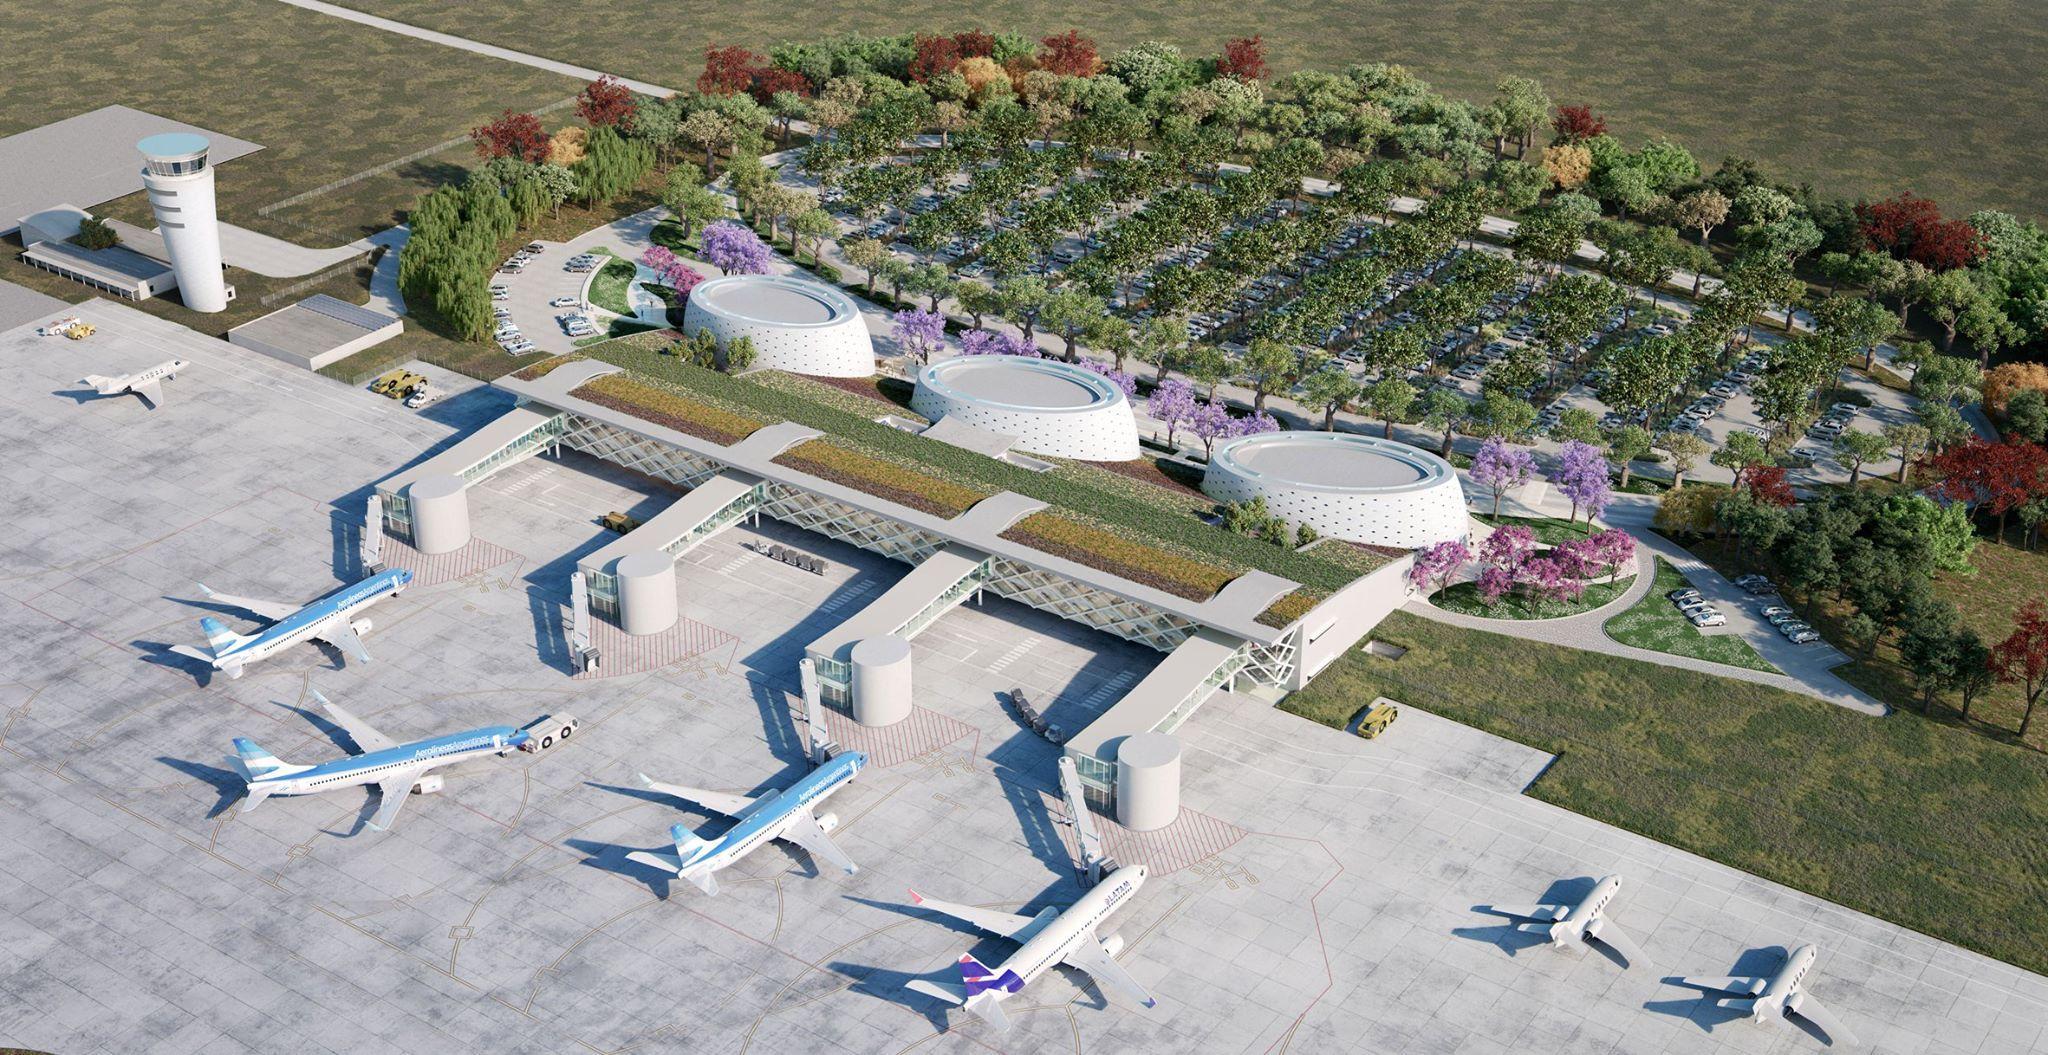 Tucumán tendrá el aeropuerto más lindo y verde de Argentina, diseñado por César Pelli